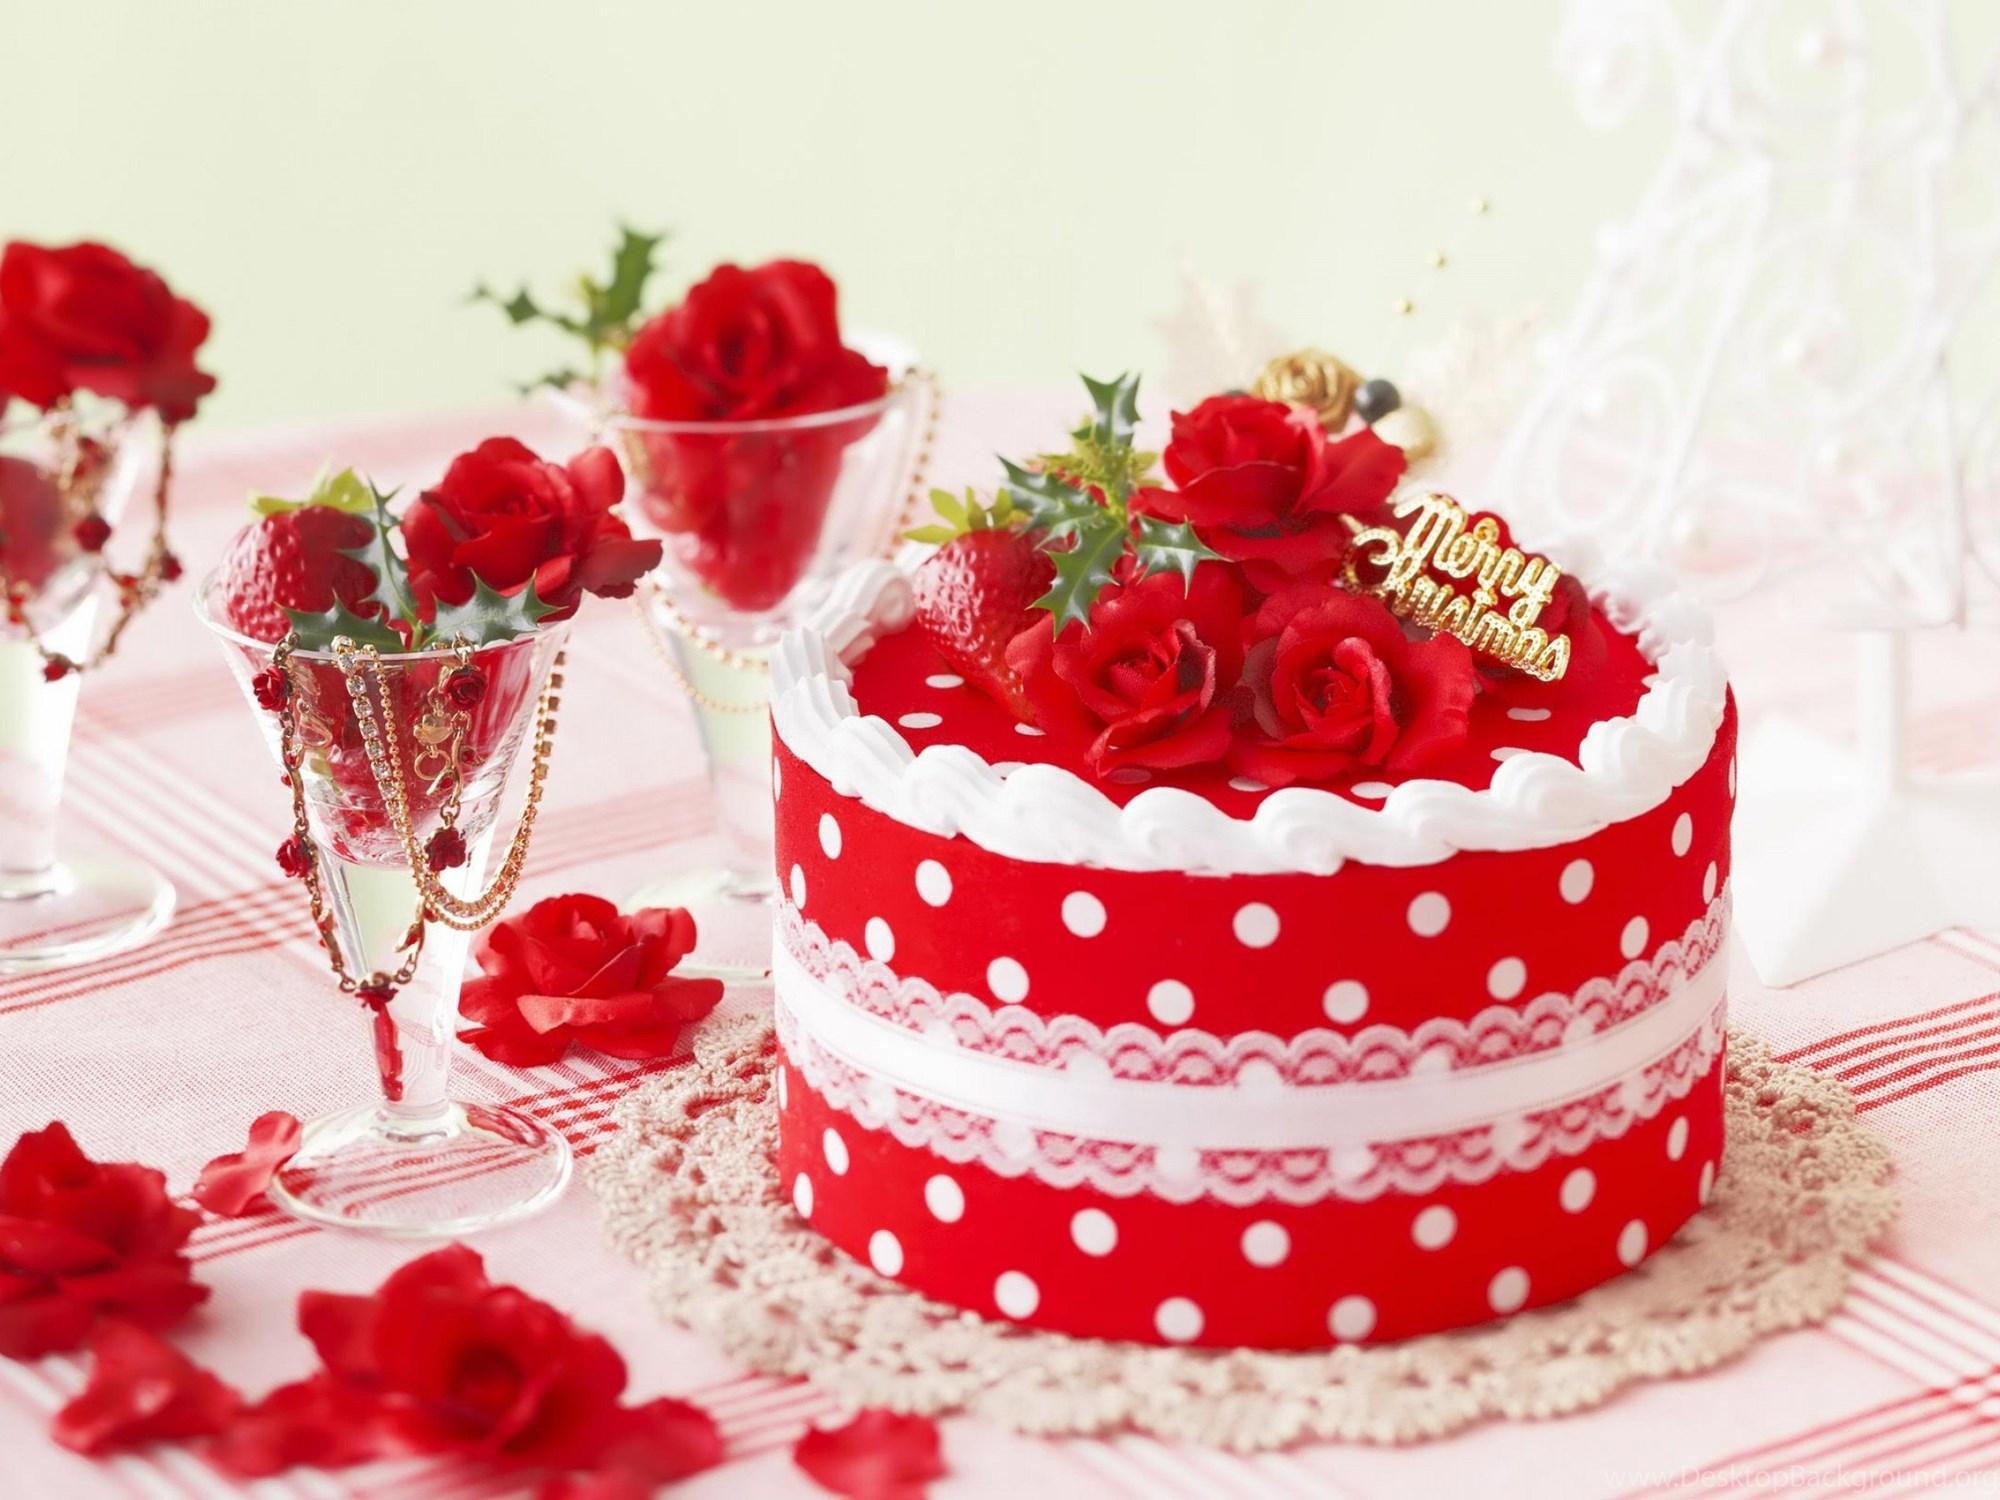 Торт с поздравлениями на день рождения